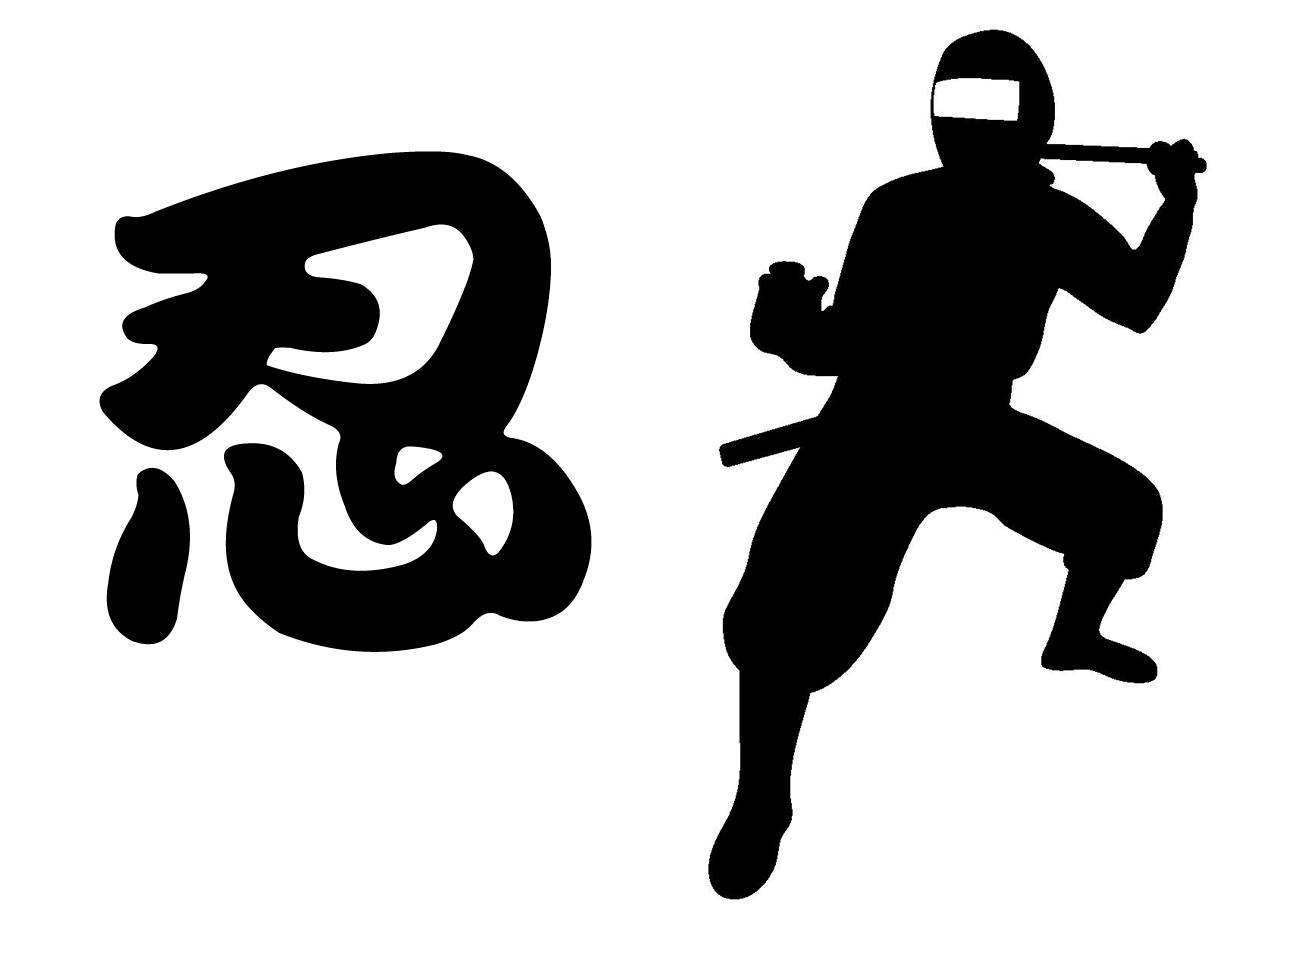 japanese4 nin - 【ハンドメイド部vol.4】日本語グッズ③ 身につけるだけで忍者気分になれるチャーム